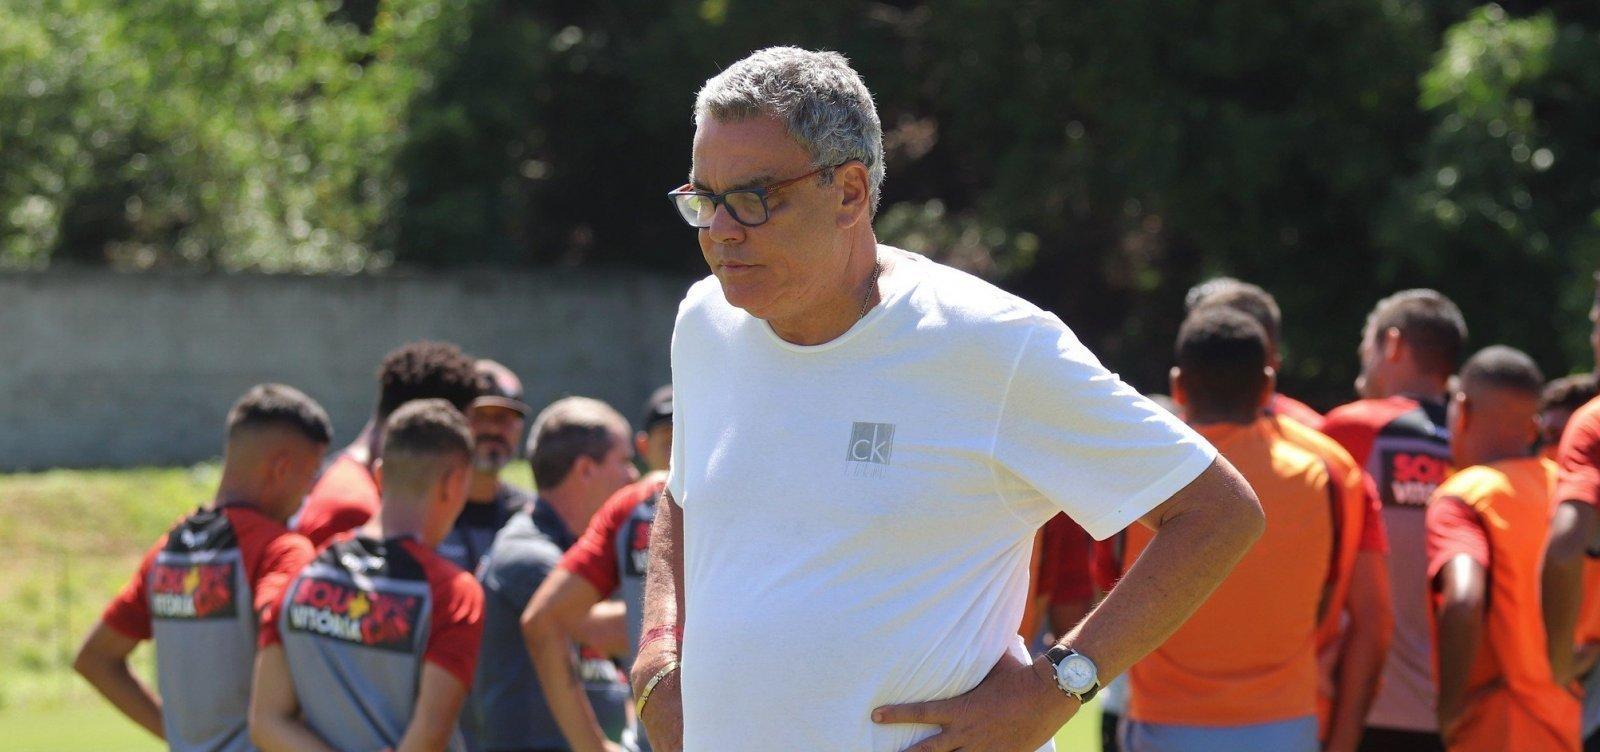 [Paulo Carneiro anuncia desmanche do time de aspirantes do Vitória, que joga o Baianão]